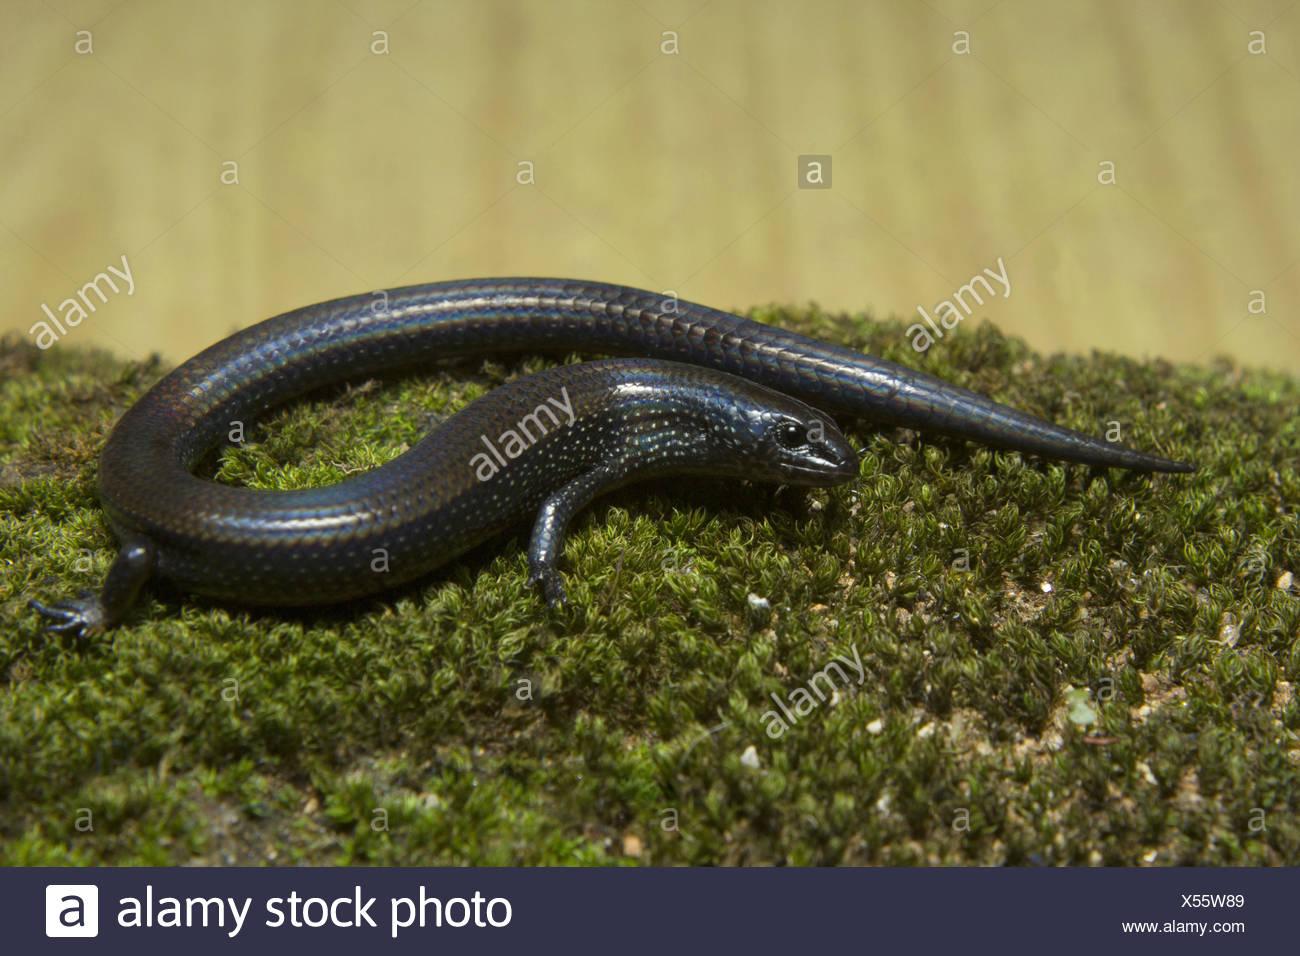 Skink Lygosoma sp, Scincidae, Anamudi shola National Park, Kerala. A dark black coloured skink found in shola forest. Stock Photo